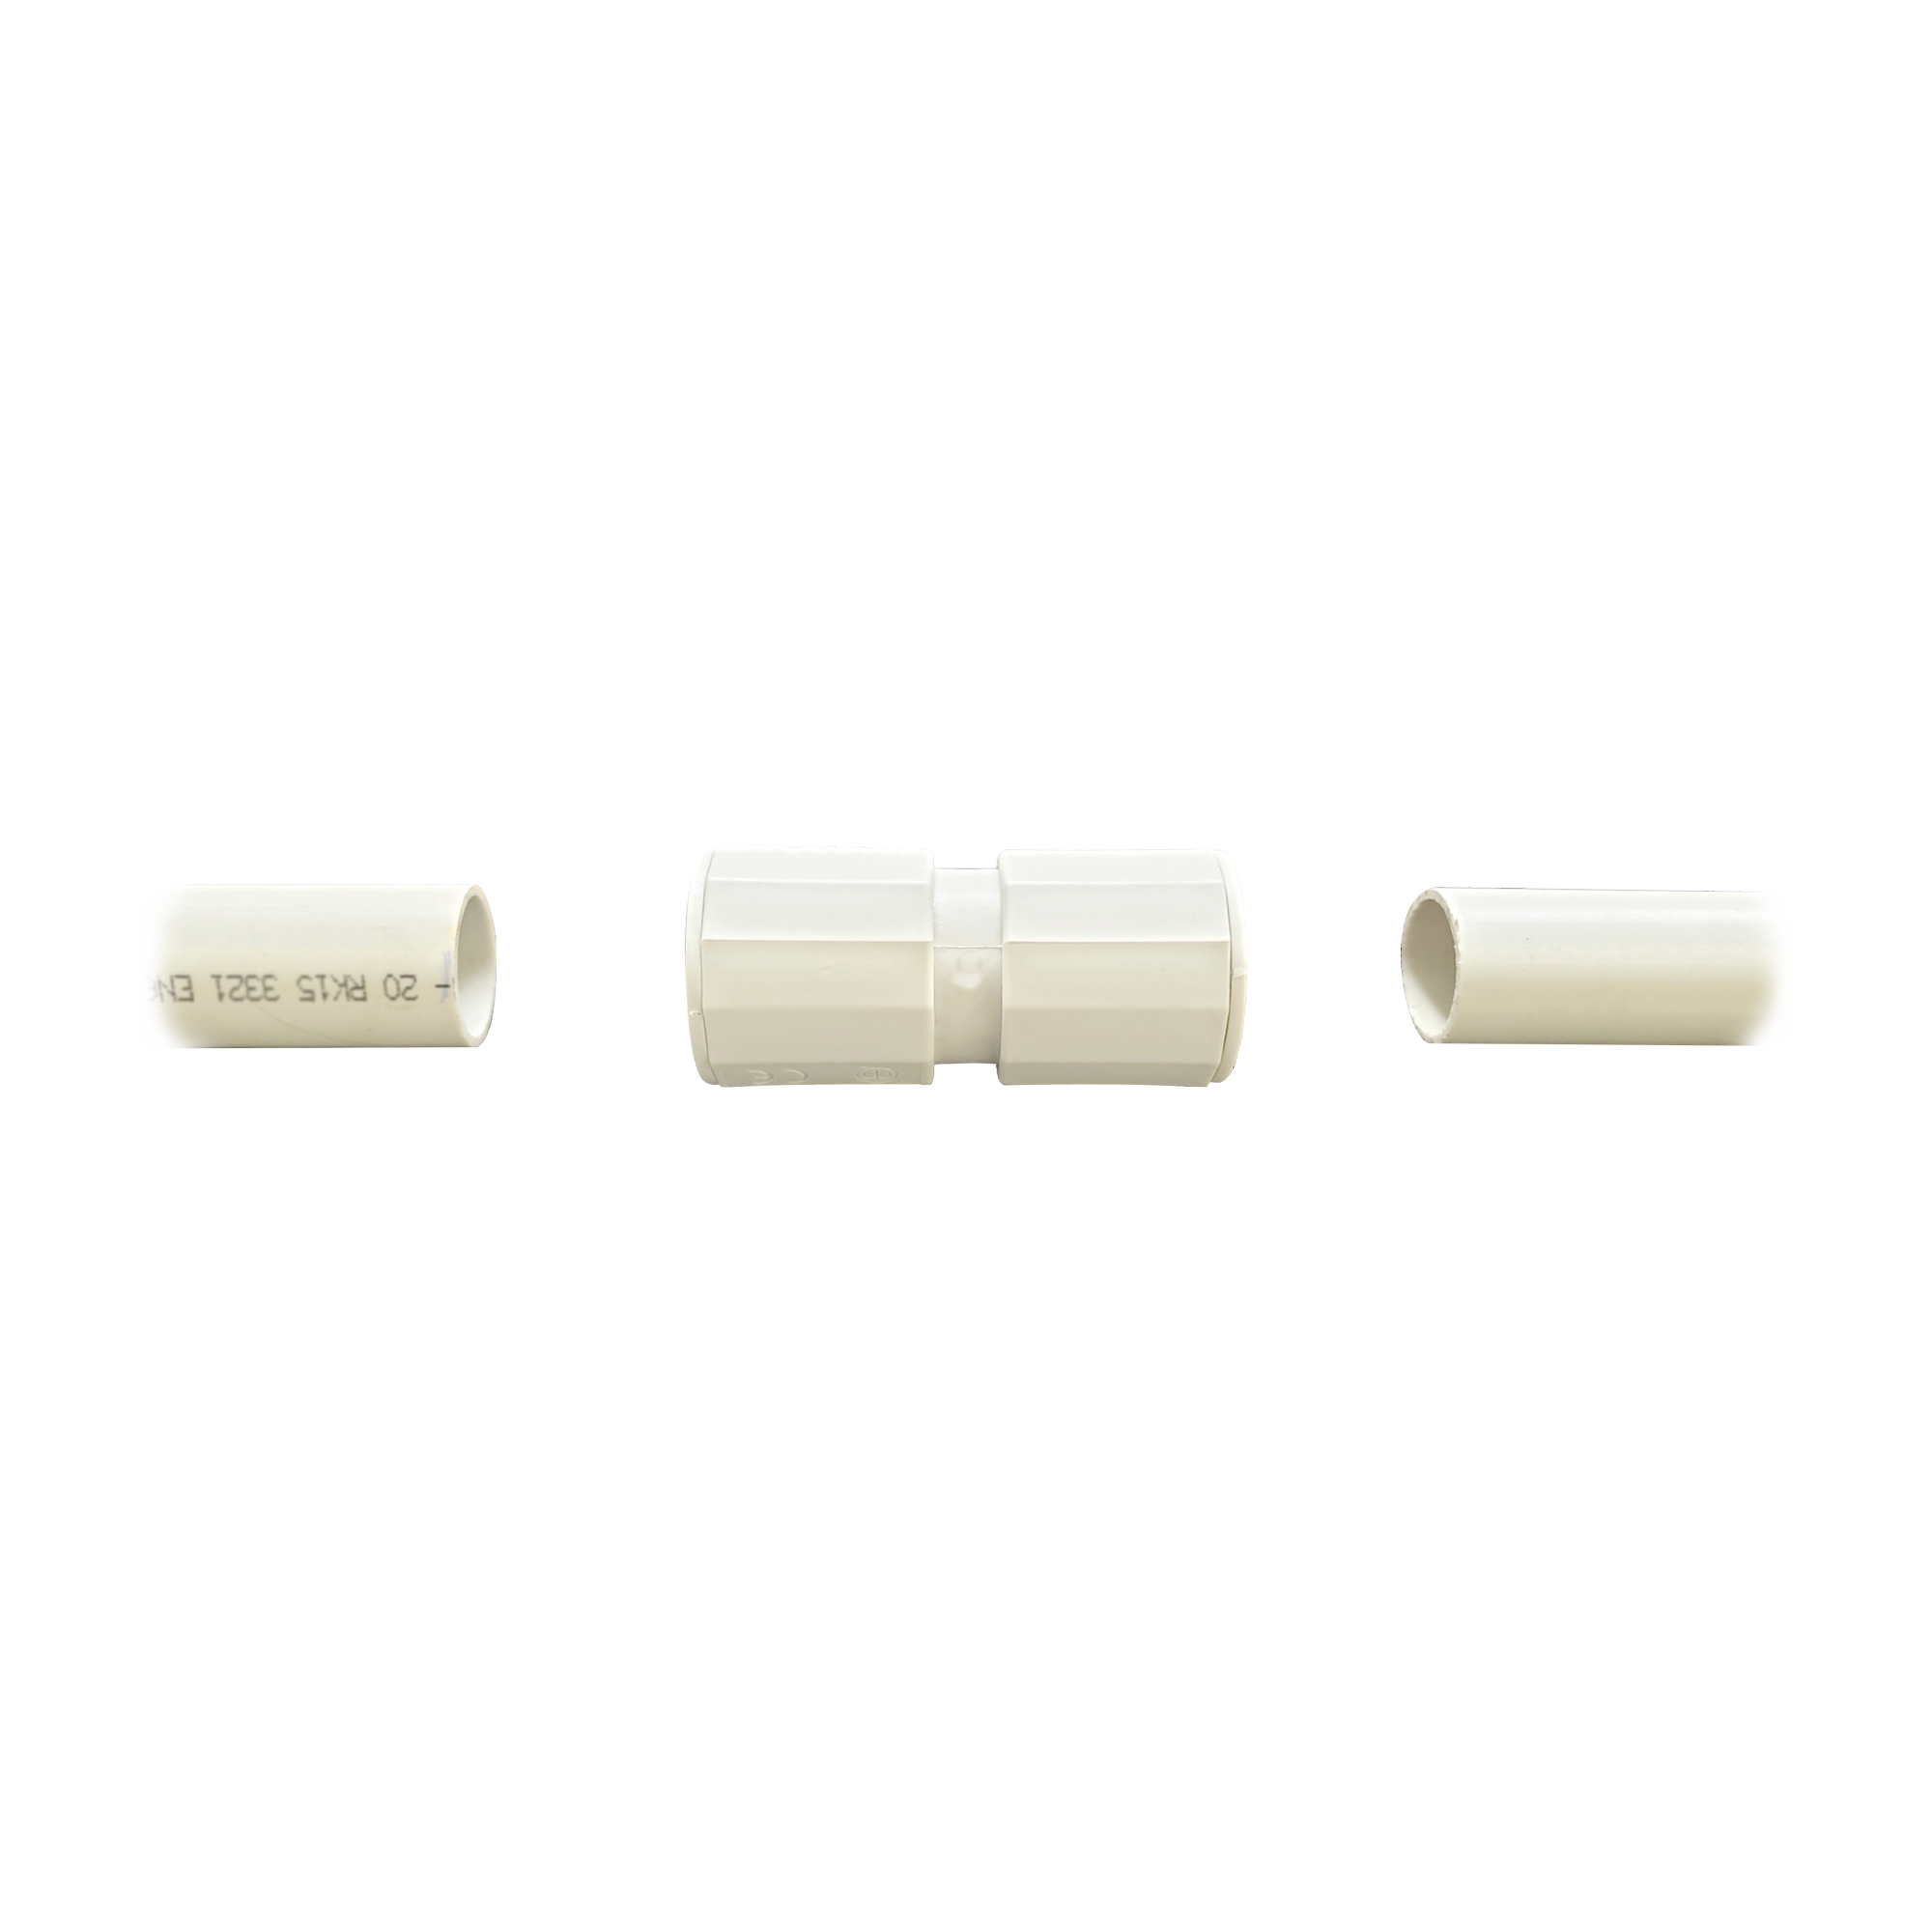 Manguito / Cople Morbidx IP67 libre de halógenos para unir tubería rígida de 25 mm (1) permite una instalación hermética no necesita pegamento